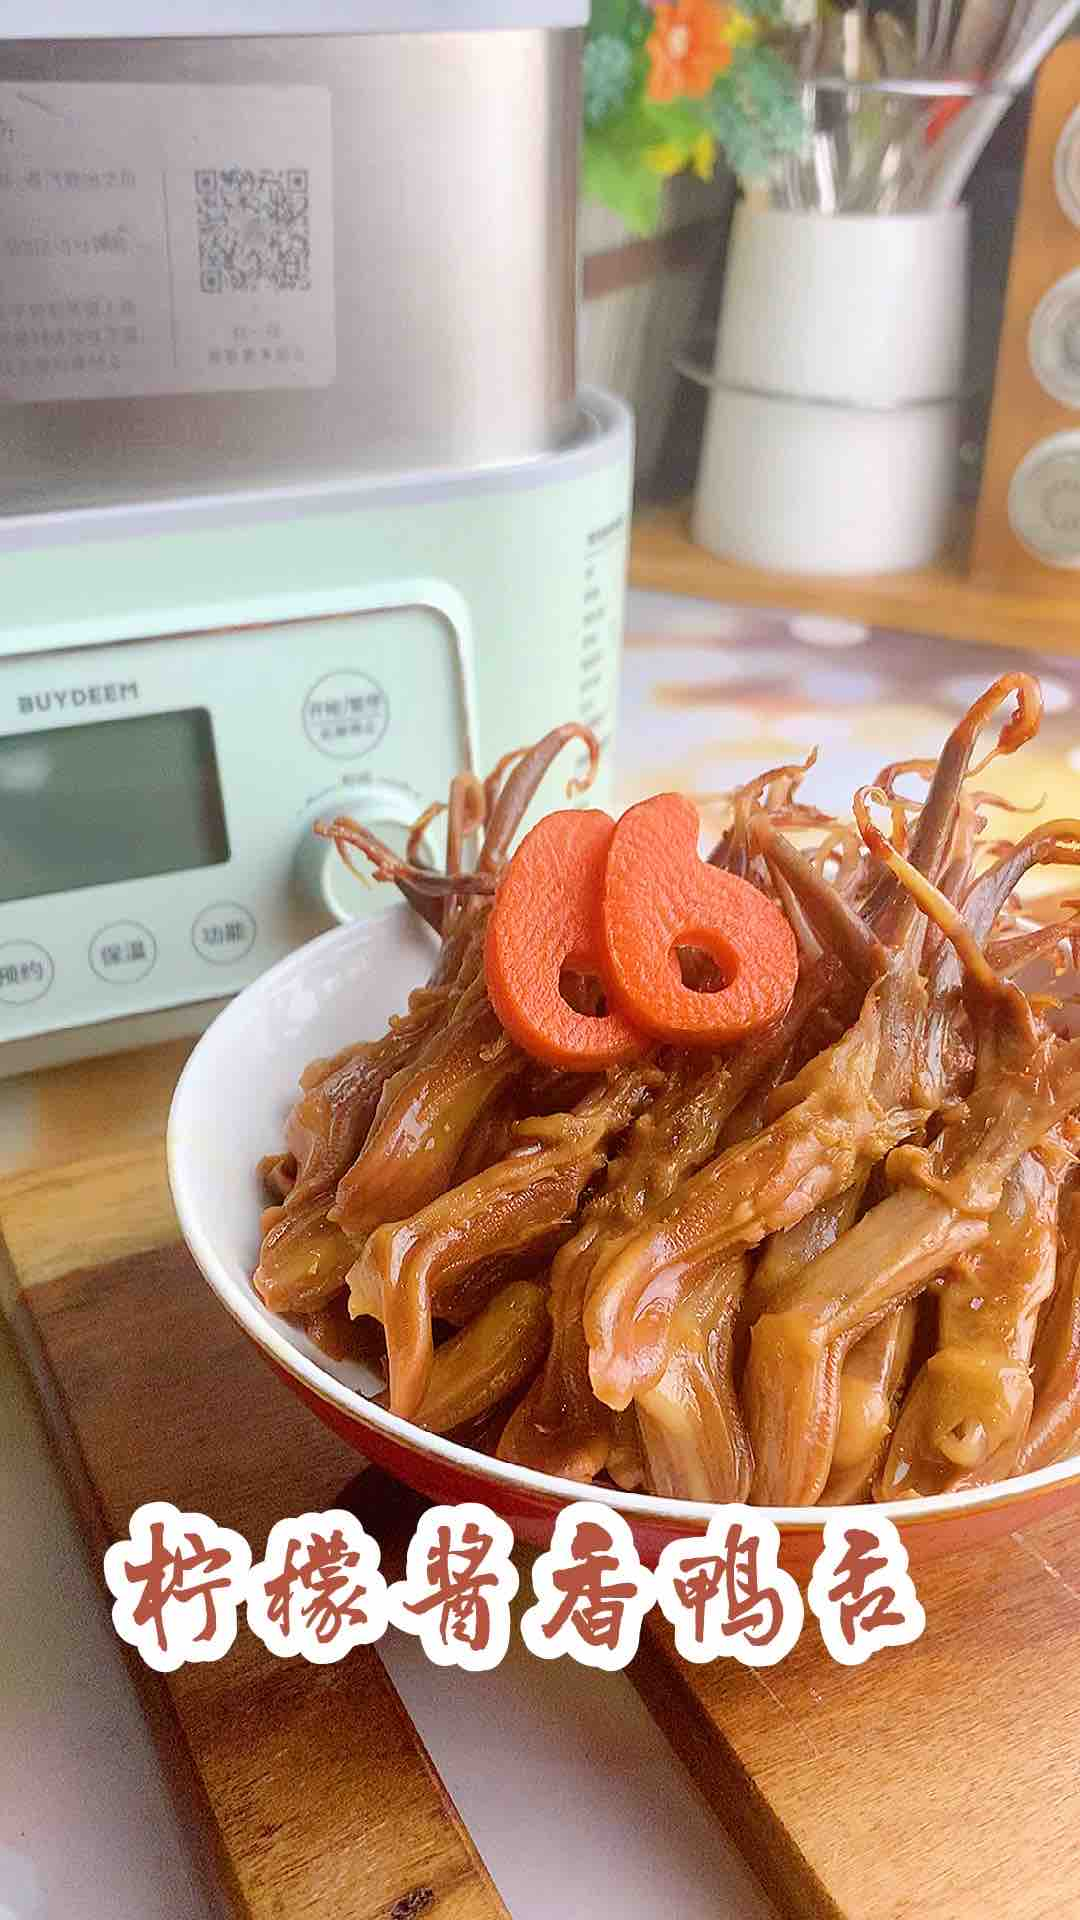 温州人年菜里少不了的冷盘,寓意好味道好怎么煮